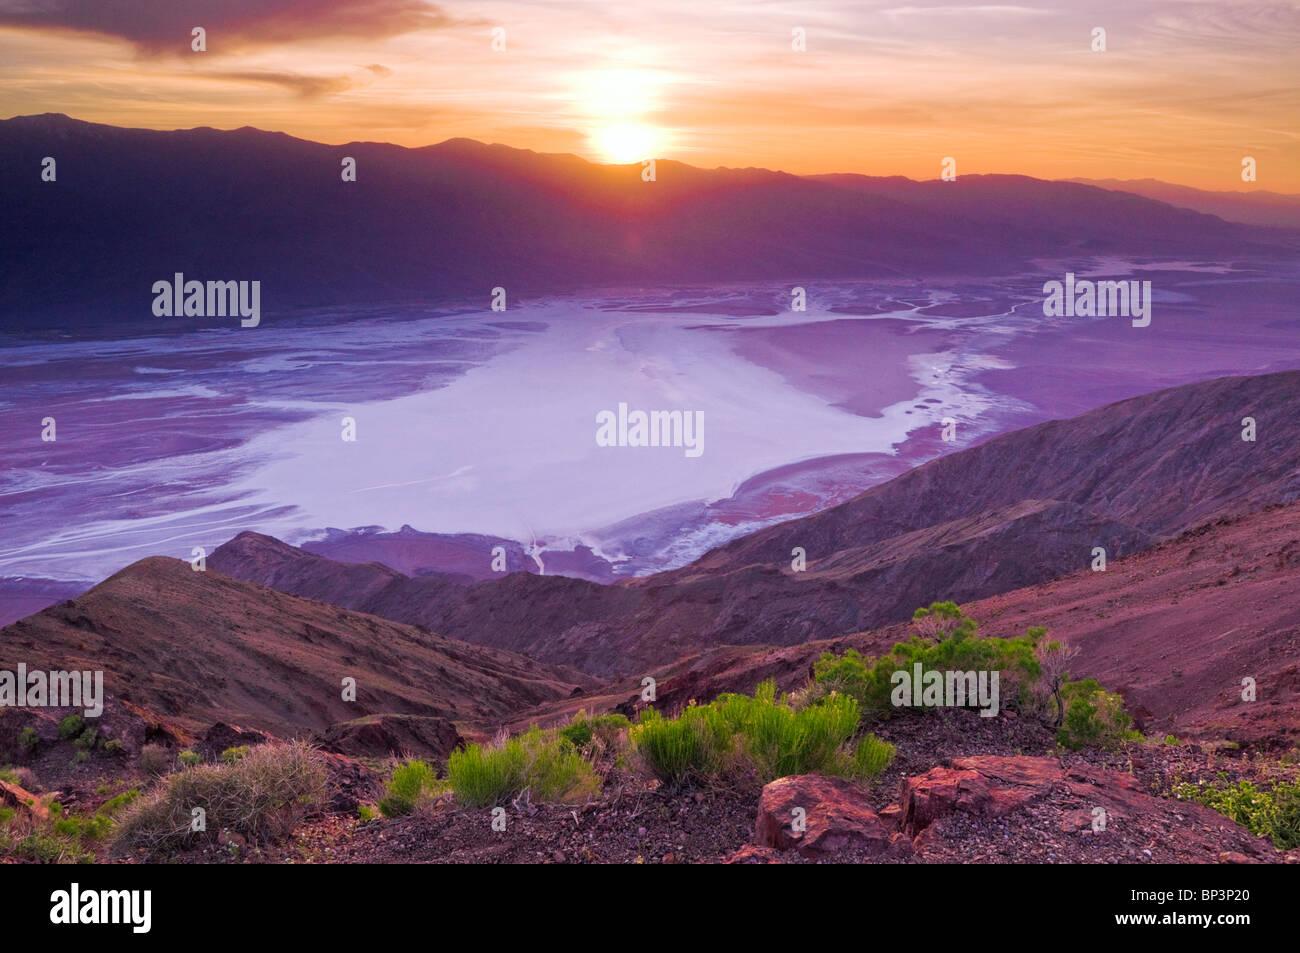 Tramonto sulla Valle della Morte da Dante, vista parco nazionale della Valle della Morte. California Foto Stock